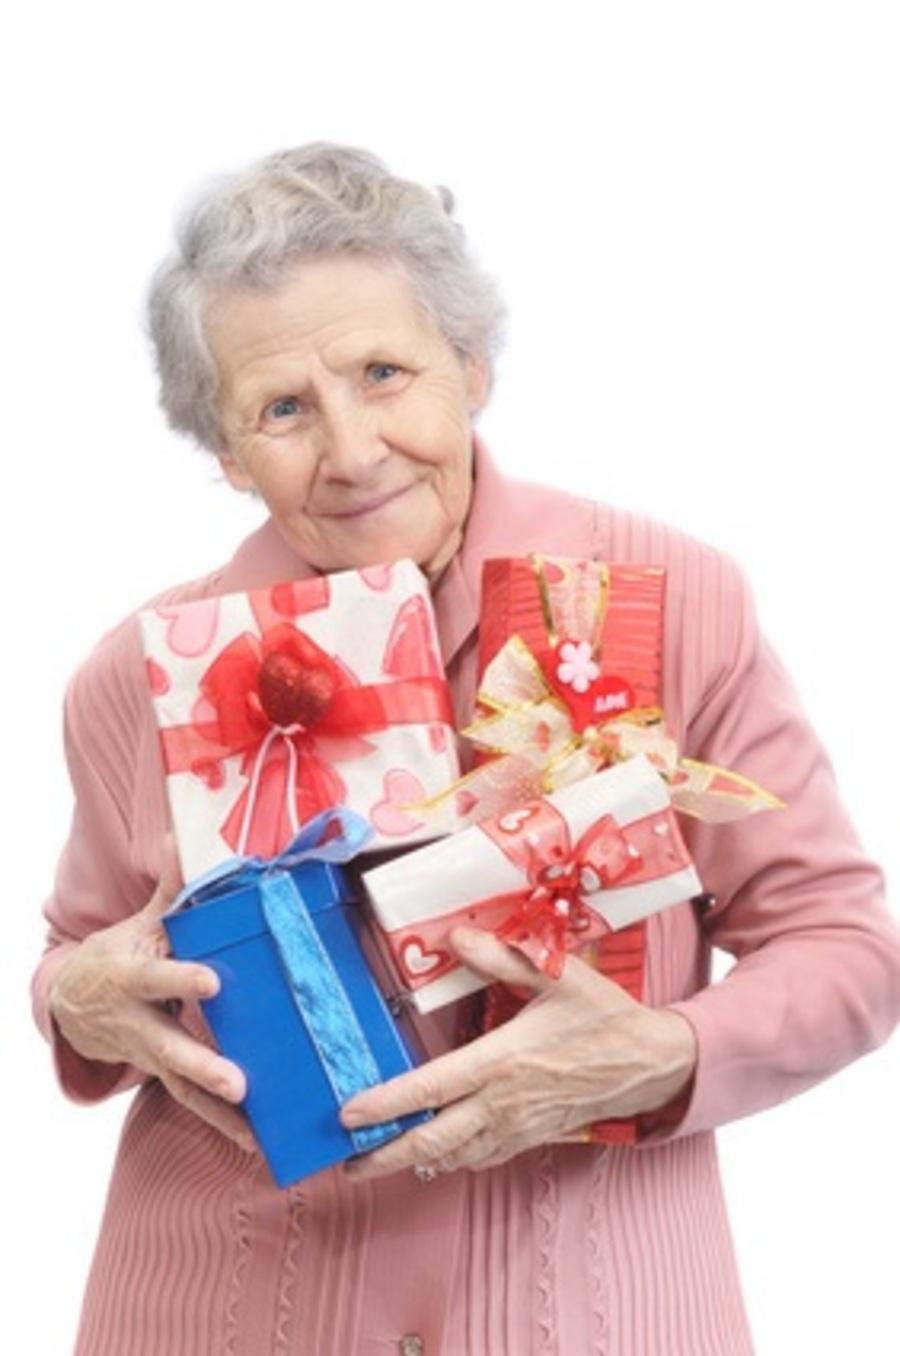 Что подарить бабушке на новый год 2017